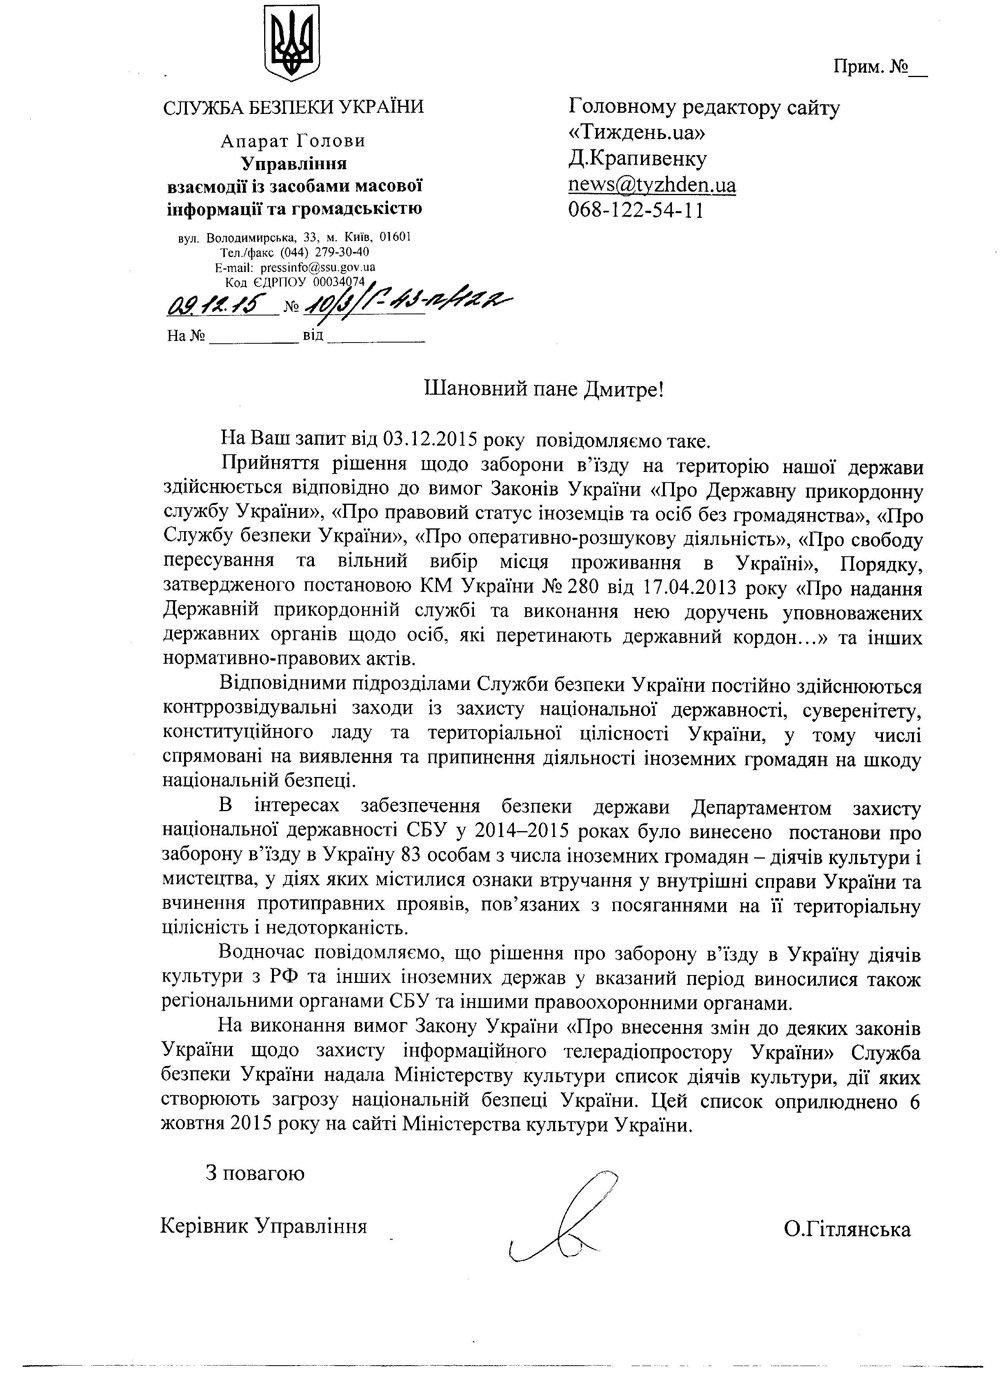 В СБУ назвали імена діячів, яким заборонений в'їзд в Україну